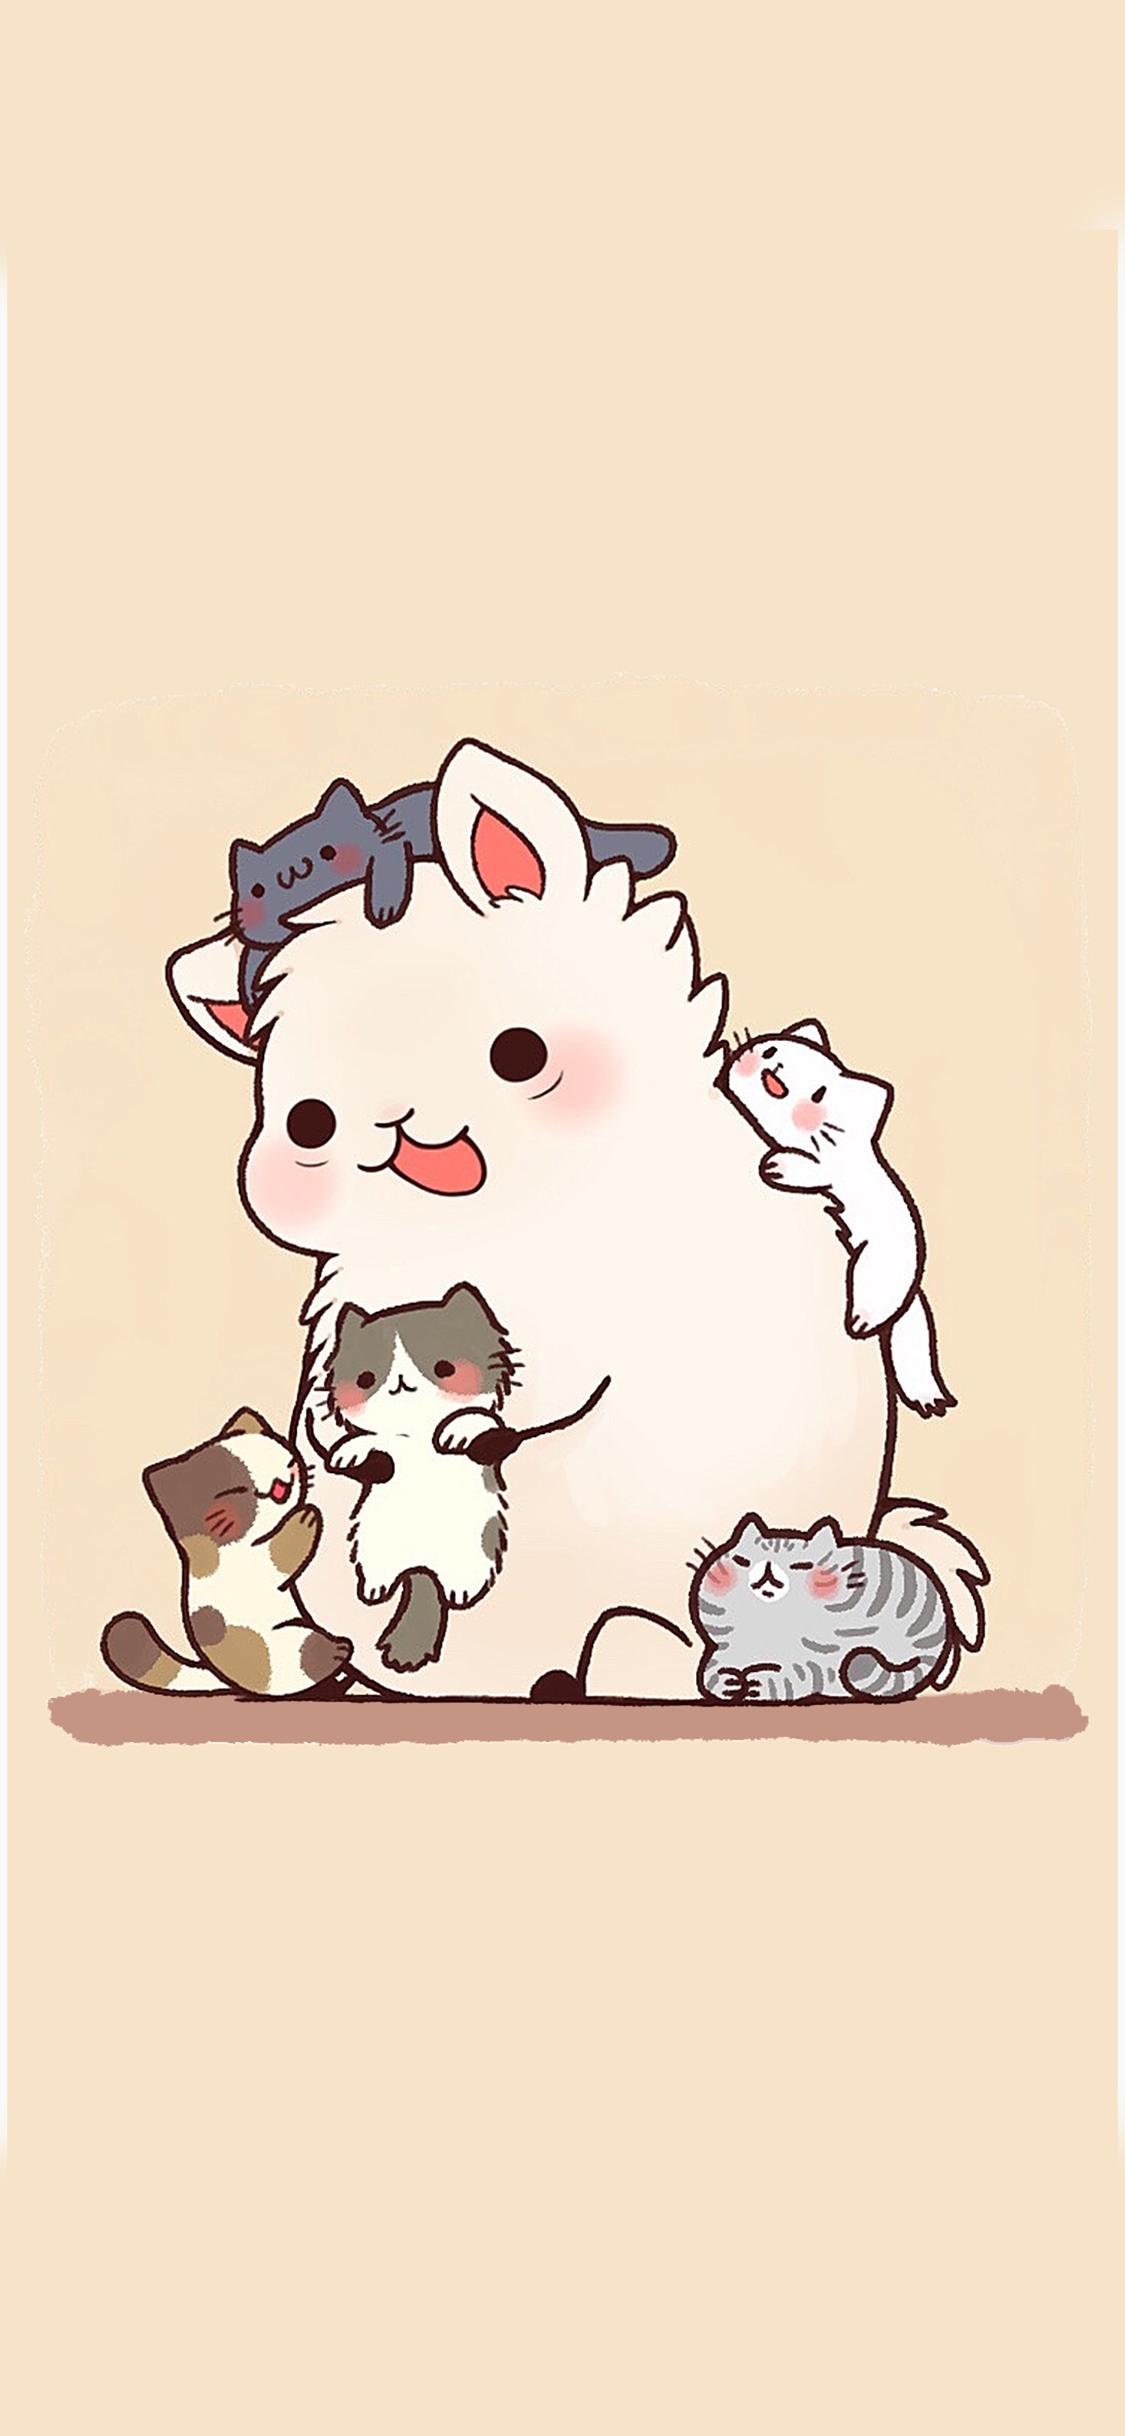 羊驼 卡通 猫咪 手绘 草泥马